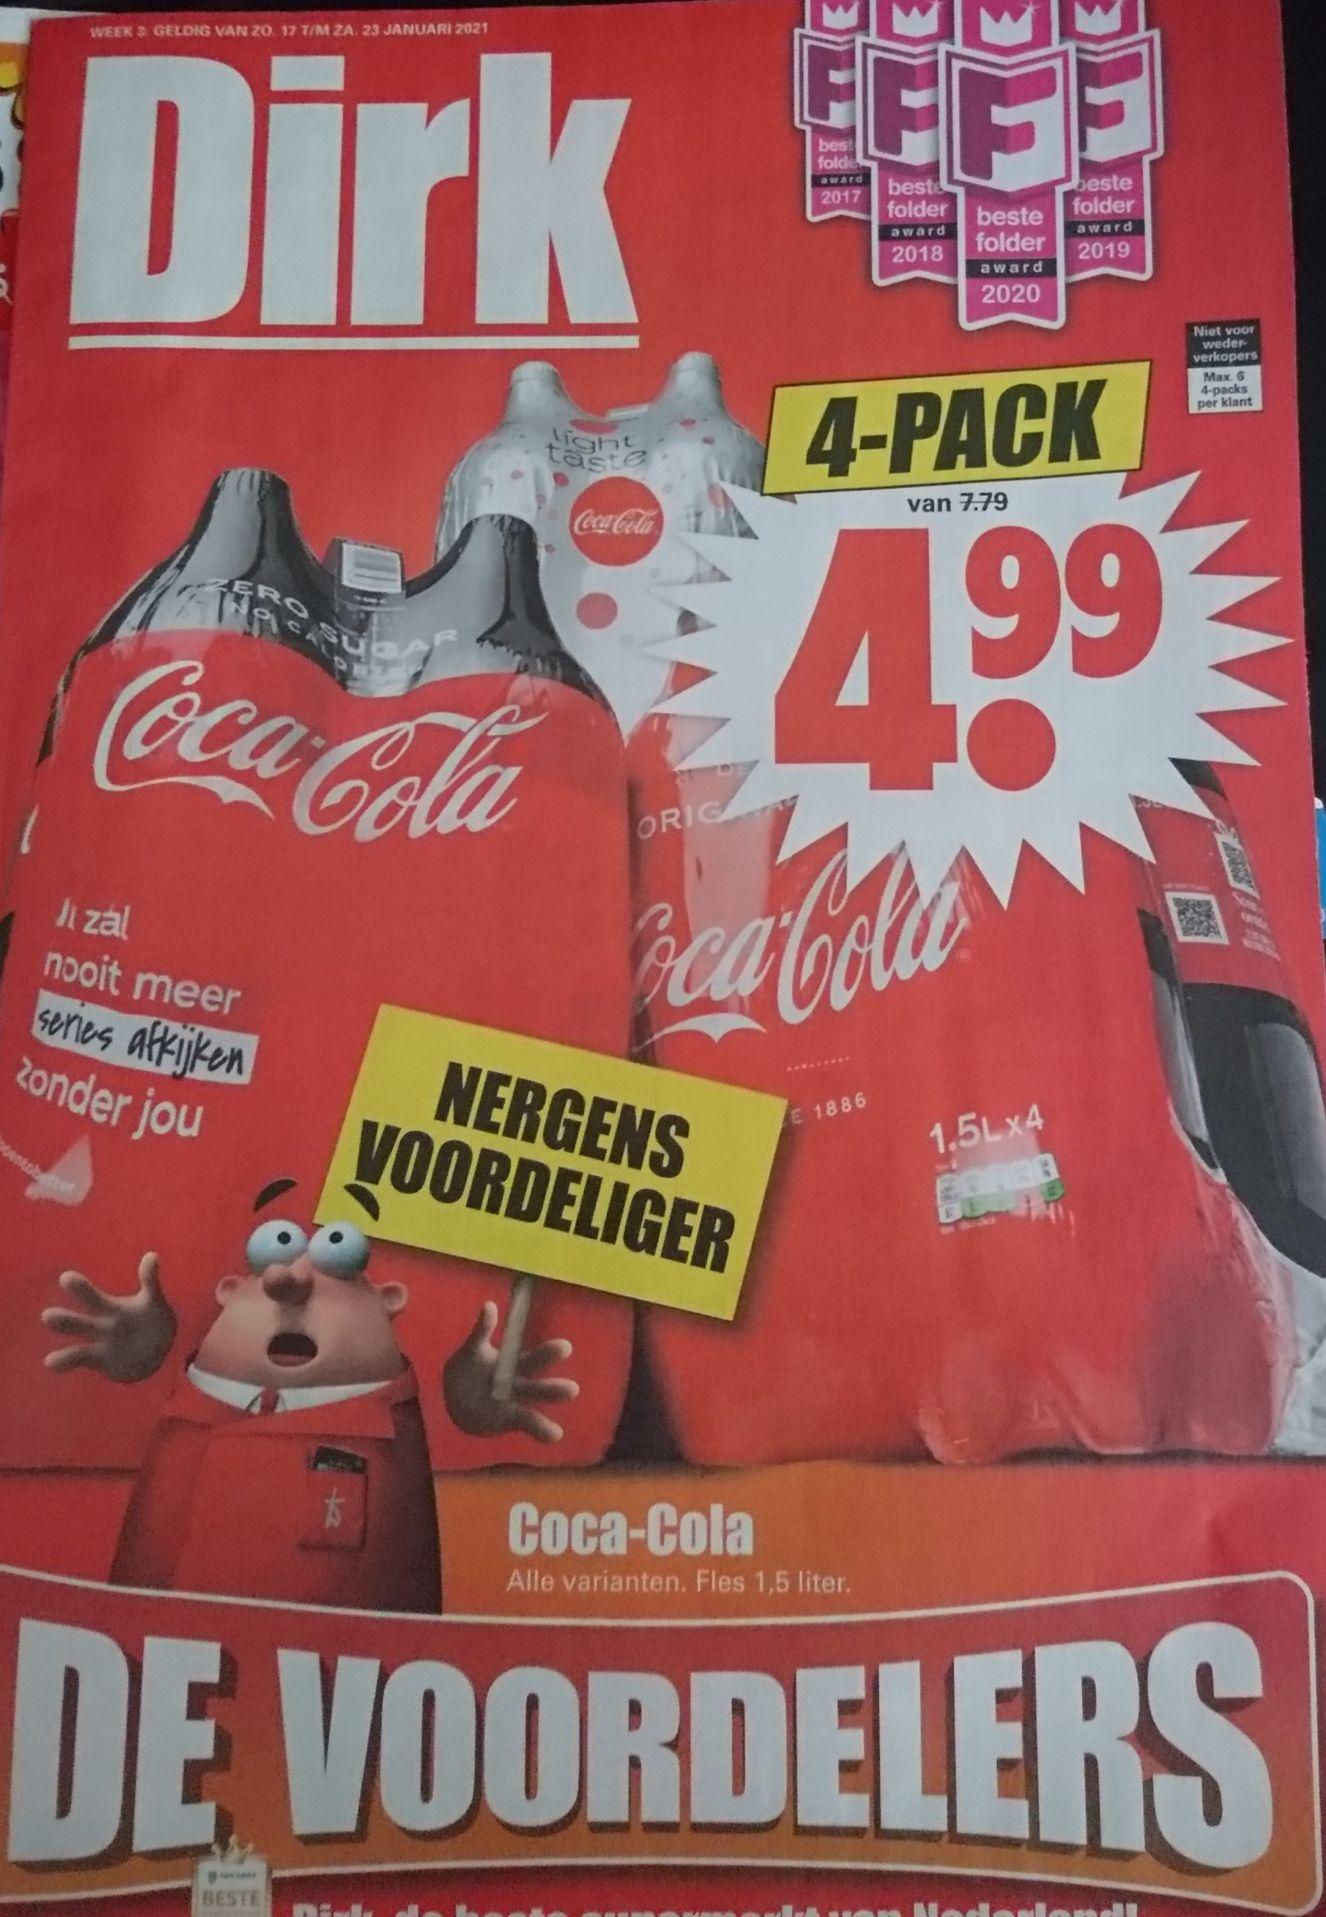 Coca Cola 4 pack 1,5 liter flessen